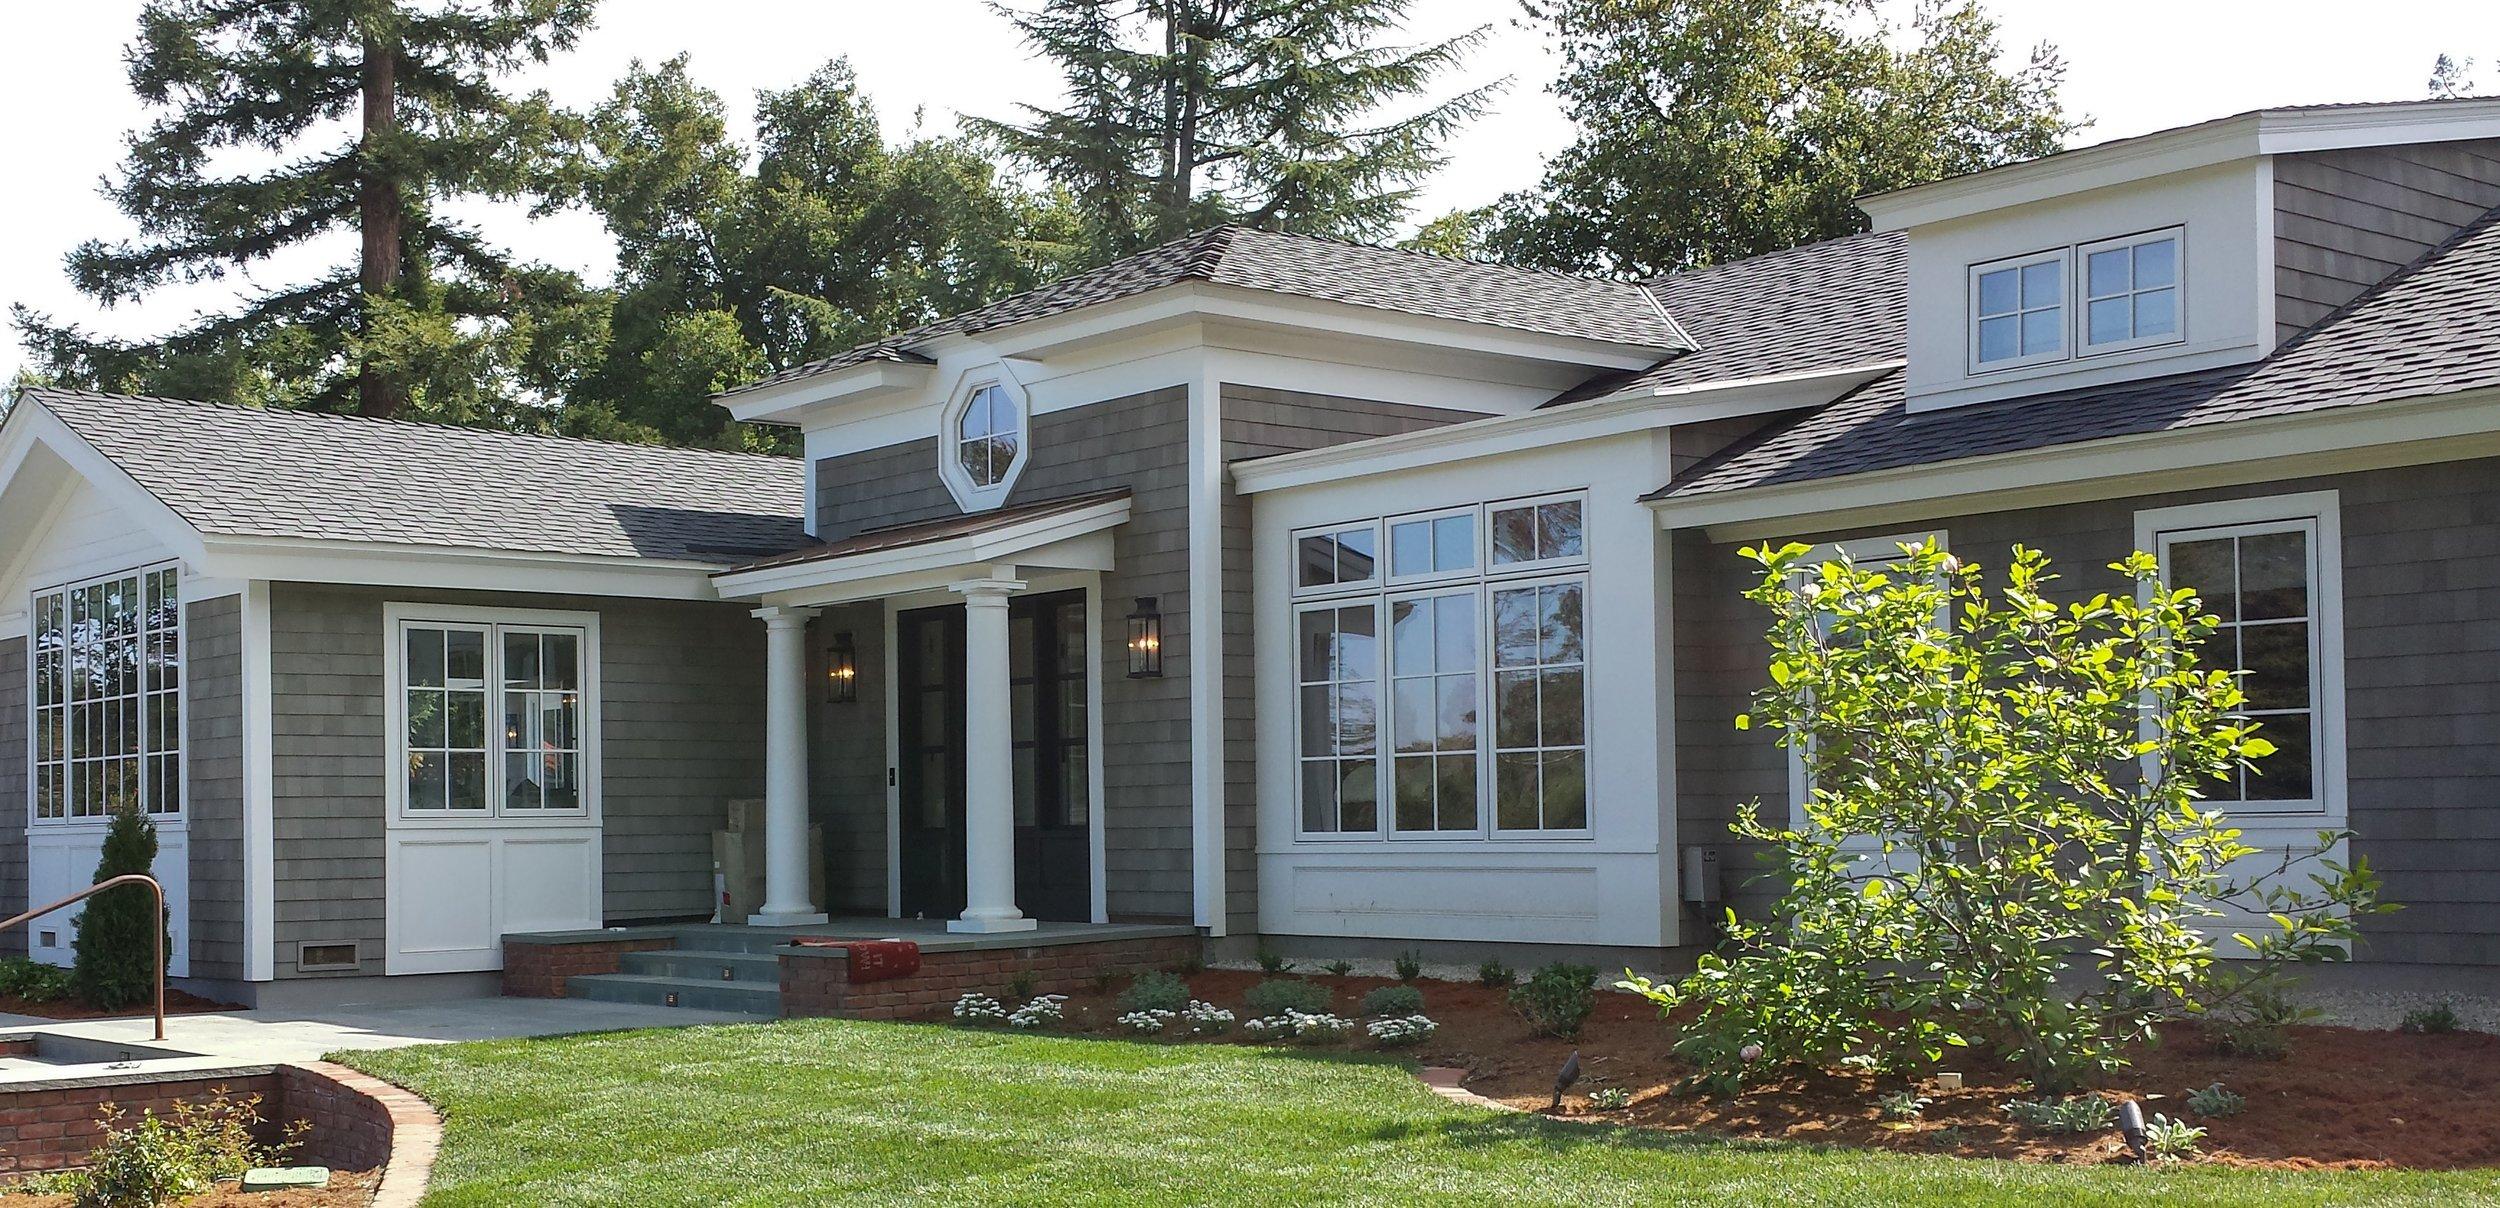 golf_house_front_facade_hexagon_window.jpg